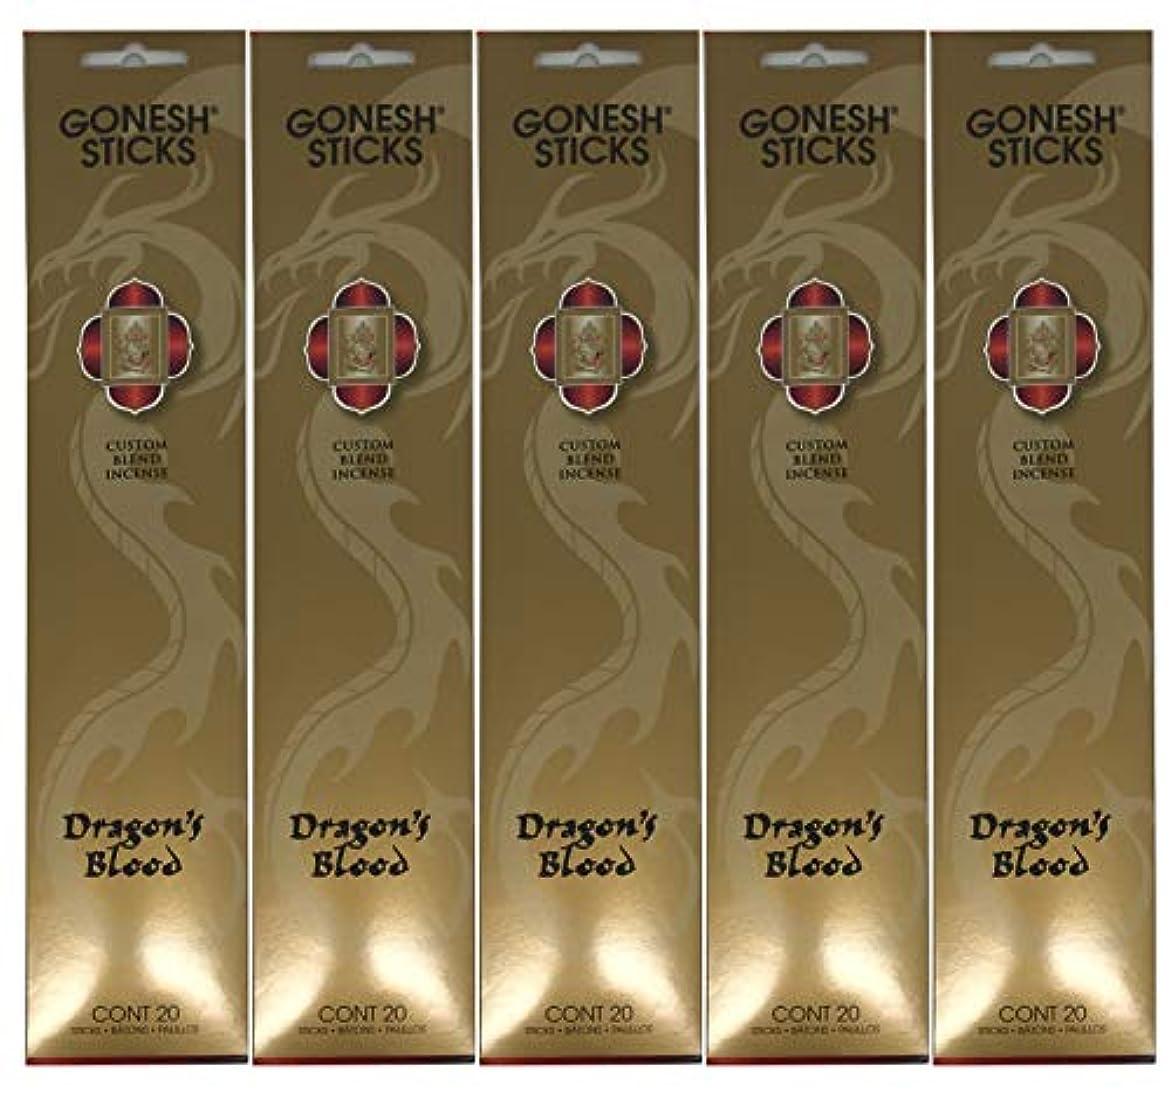 デコラティブ別に戦うGonesh カスタムブレンドインセンススティック - Dragon's Blood - 5パック (合計100本)